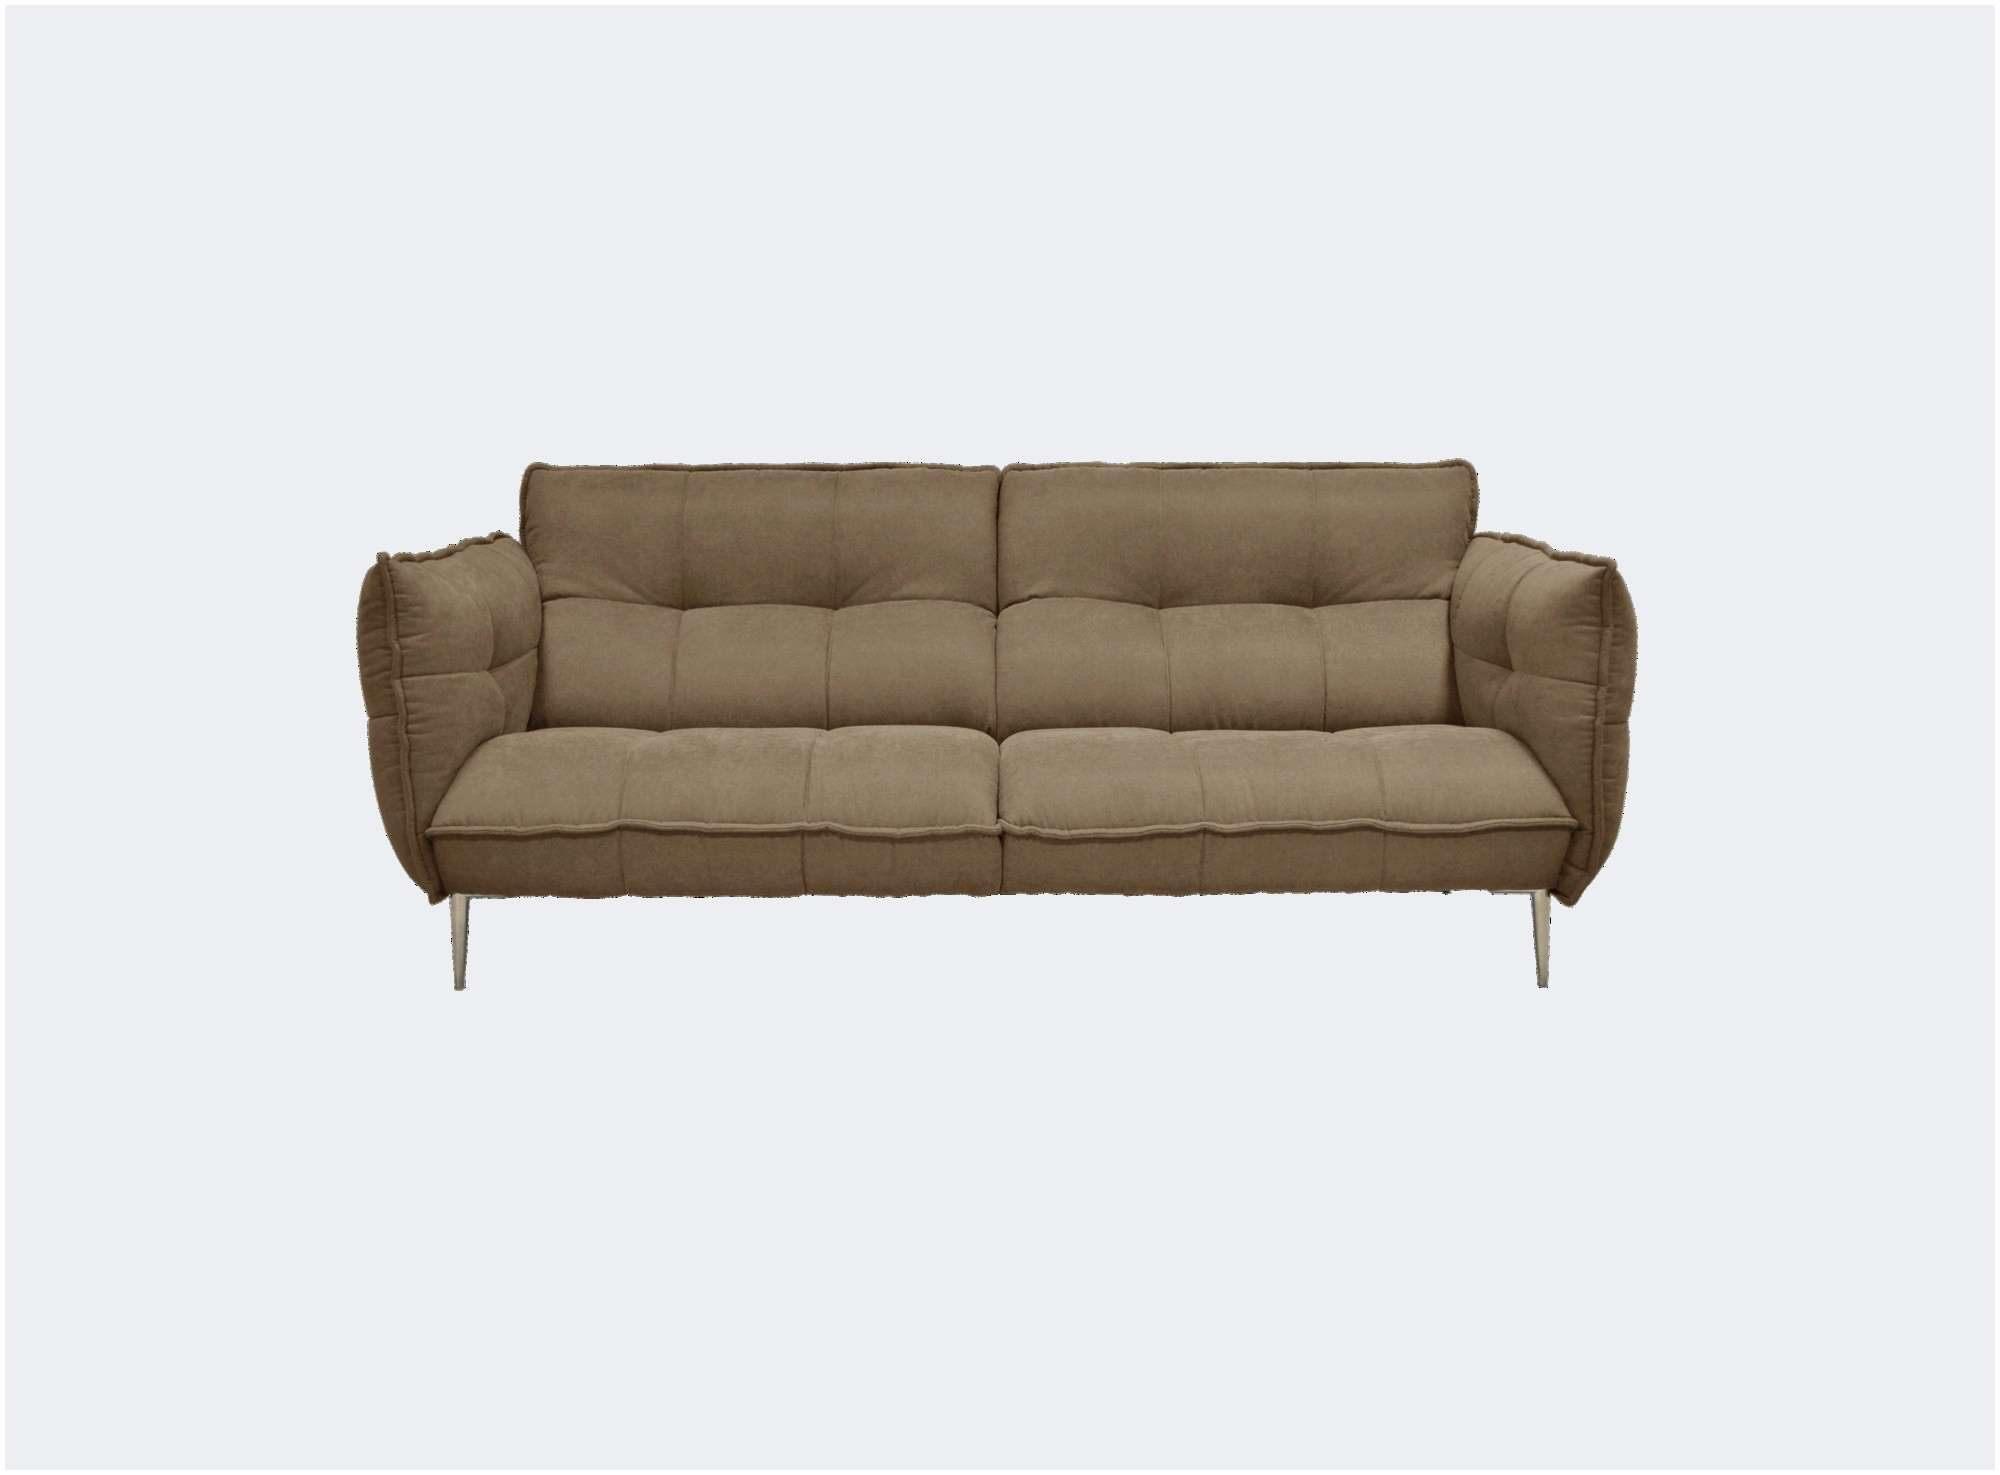 Canapé Lit Une Place Belle 60 Canapé Lit Gigogne Ikea Vue Jongor4hire